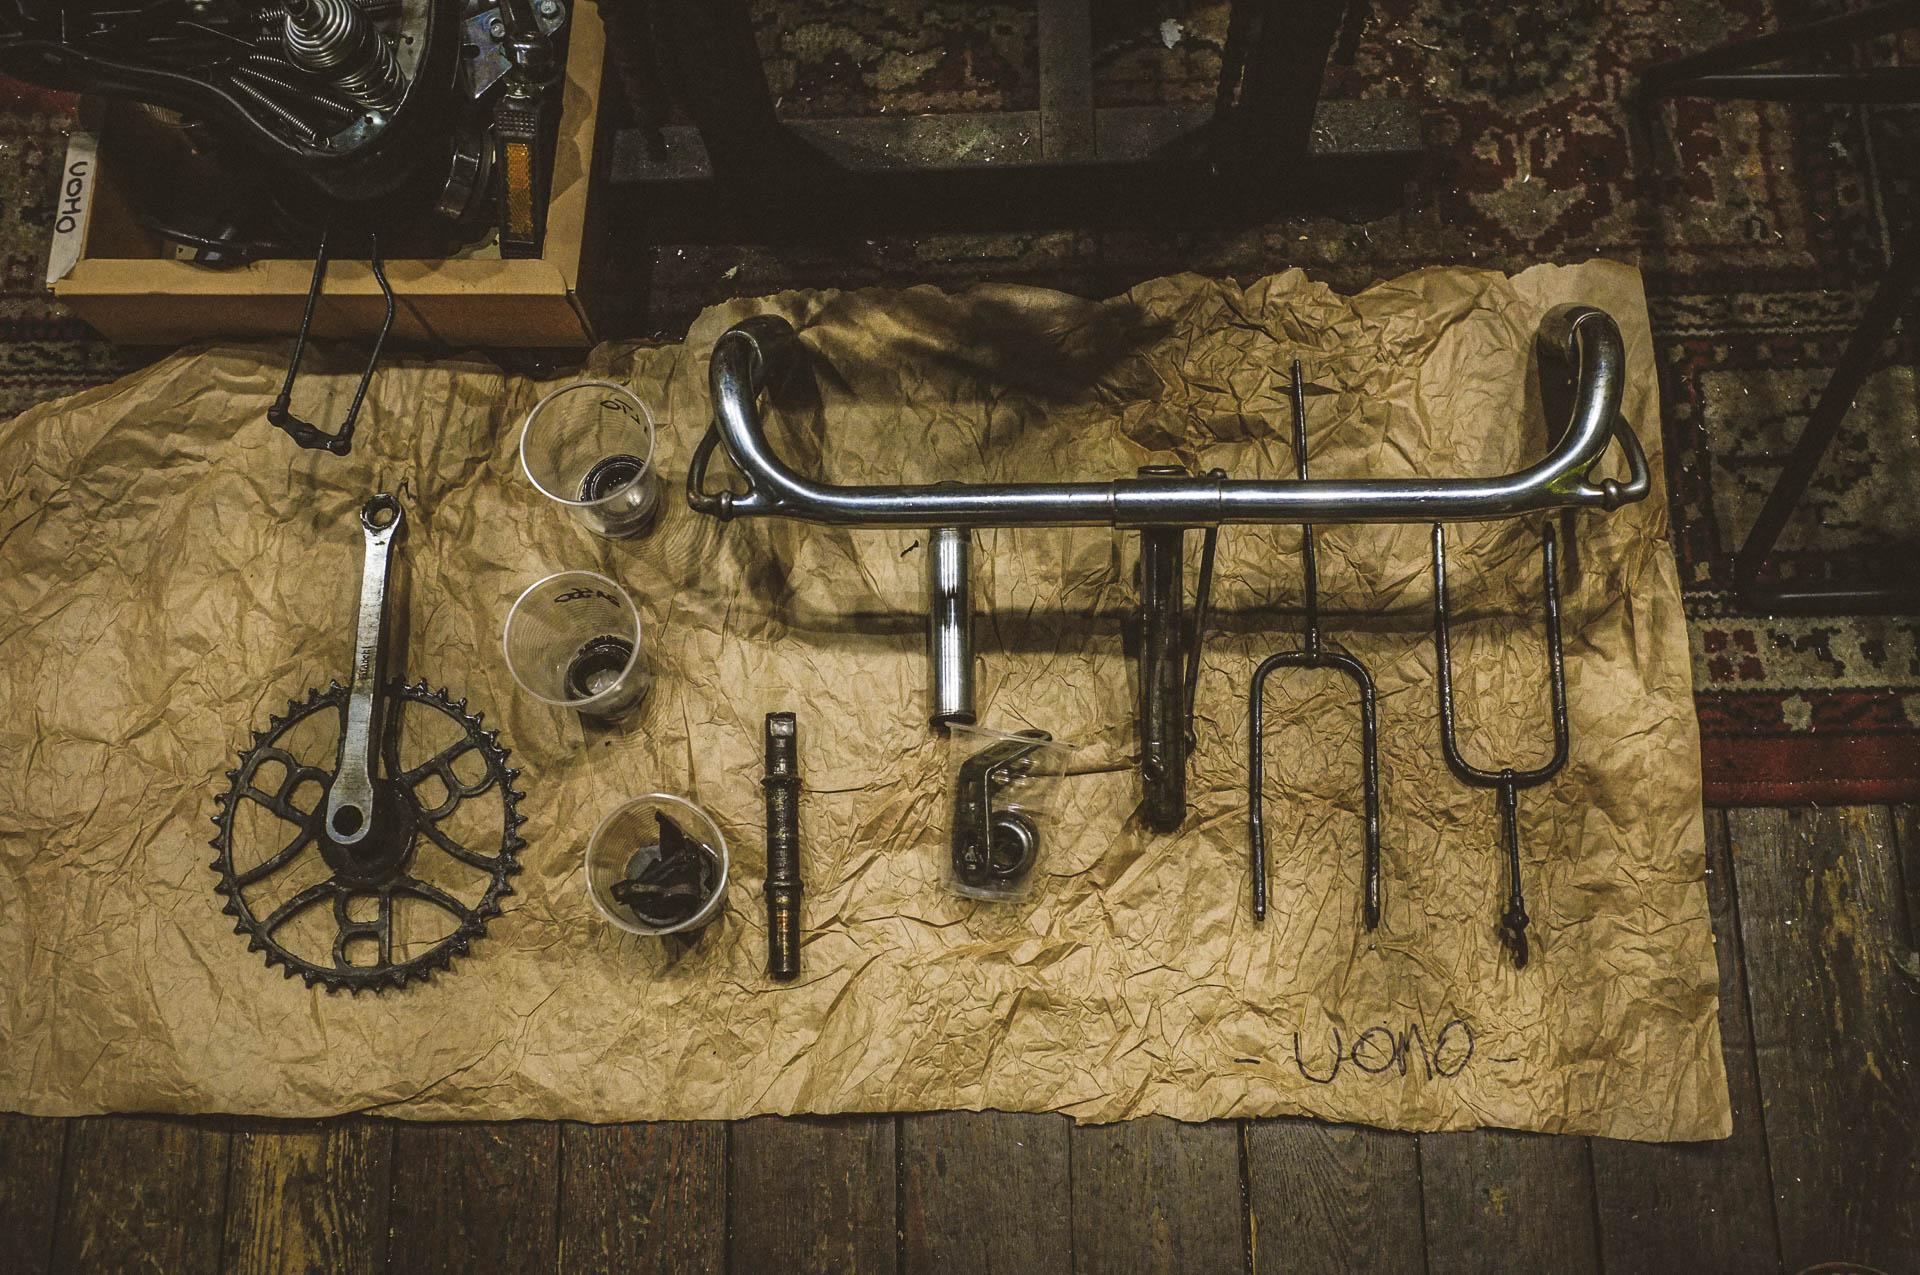 restauro bicicletta uomo negozio circus (restauro bici)